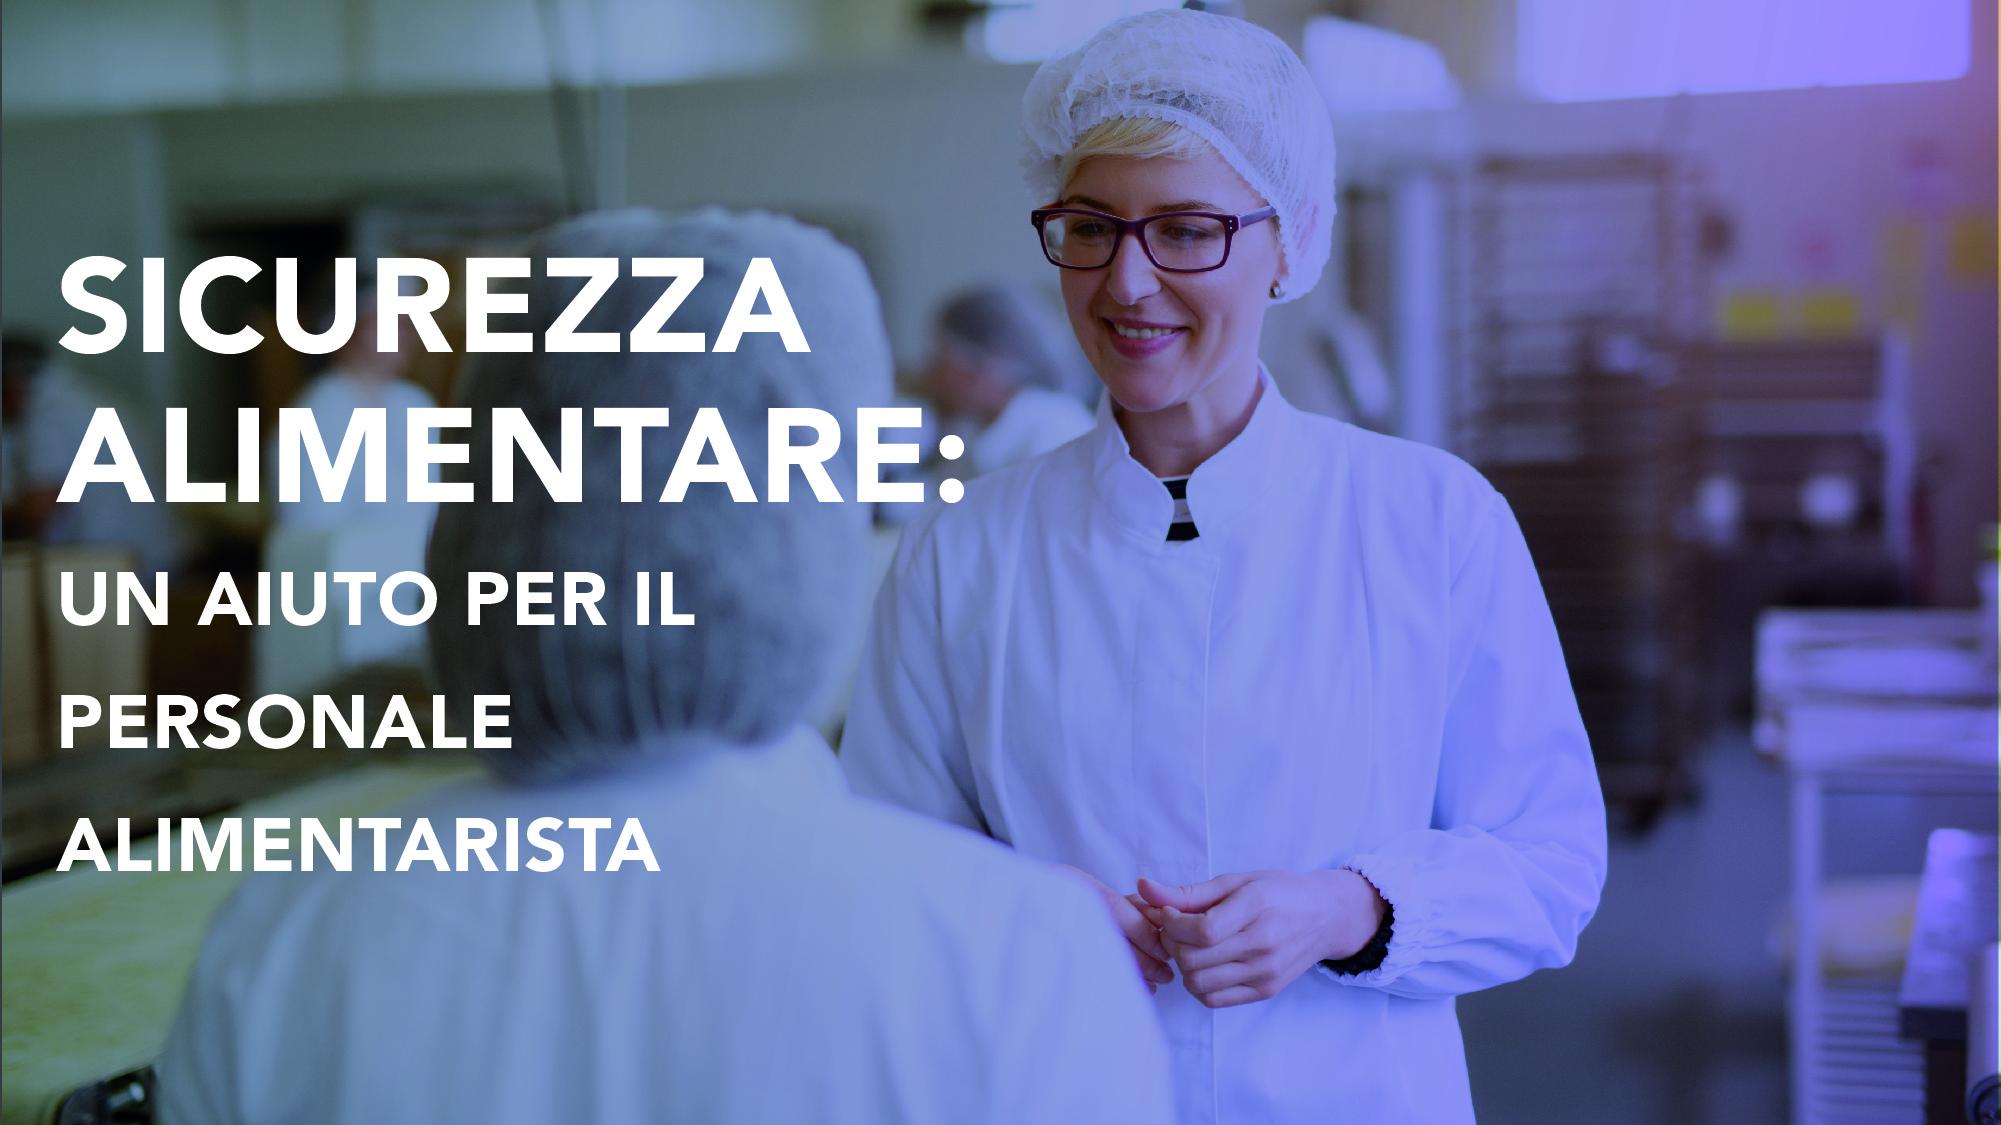 Sicurezza Alimentare: Un Aiuto per il Personale Alimentarista CorsiSicurezza.com